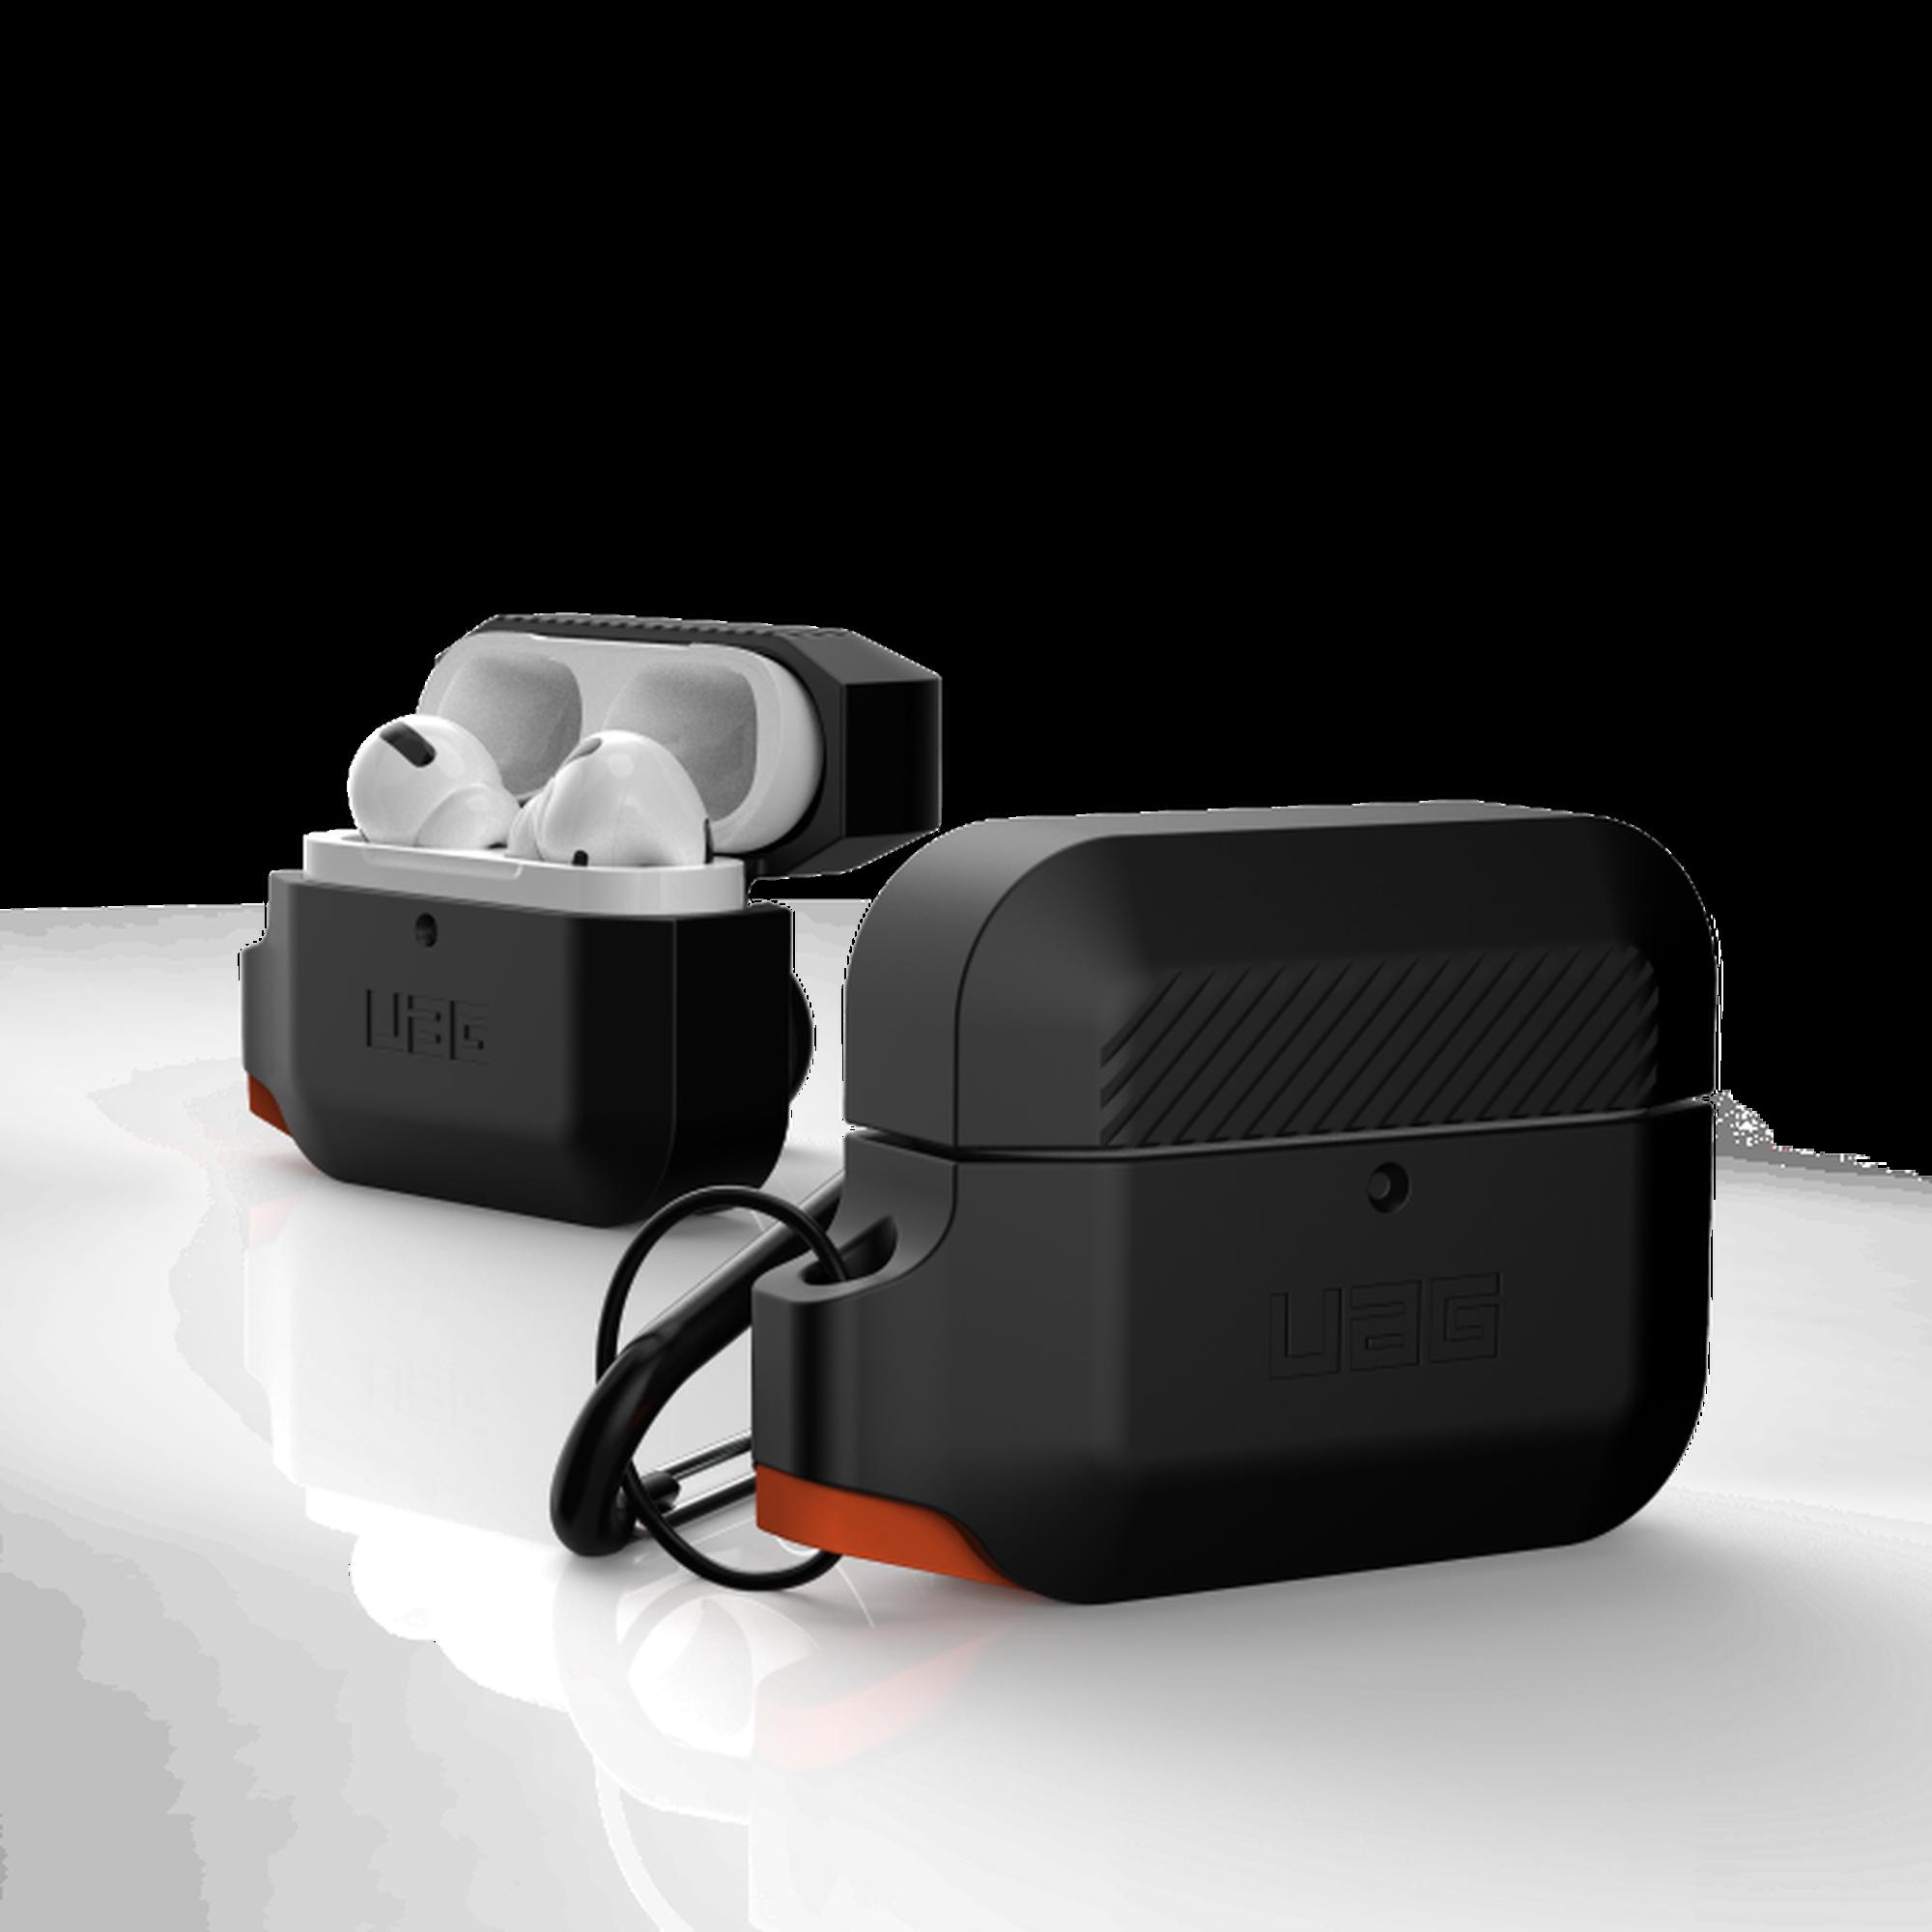 Θήκη Σιλικόνης Για Airpods Pro UAG Black - Orange 10225K114097 image